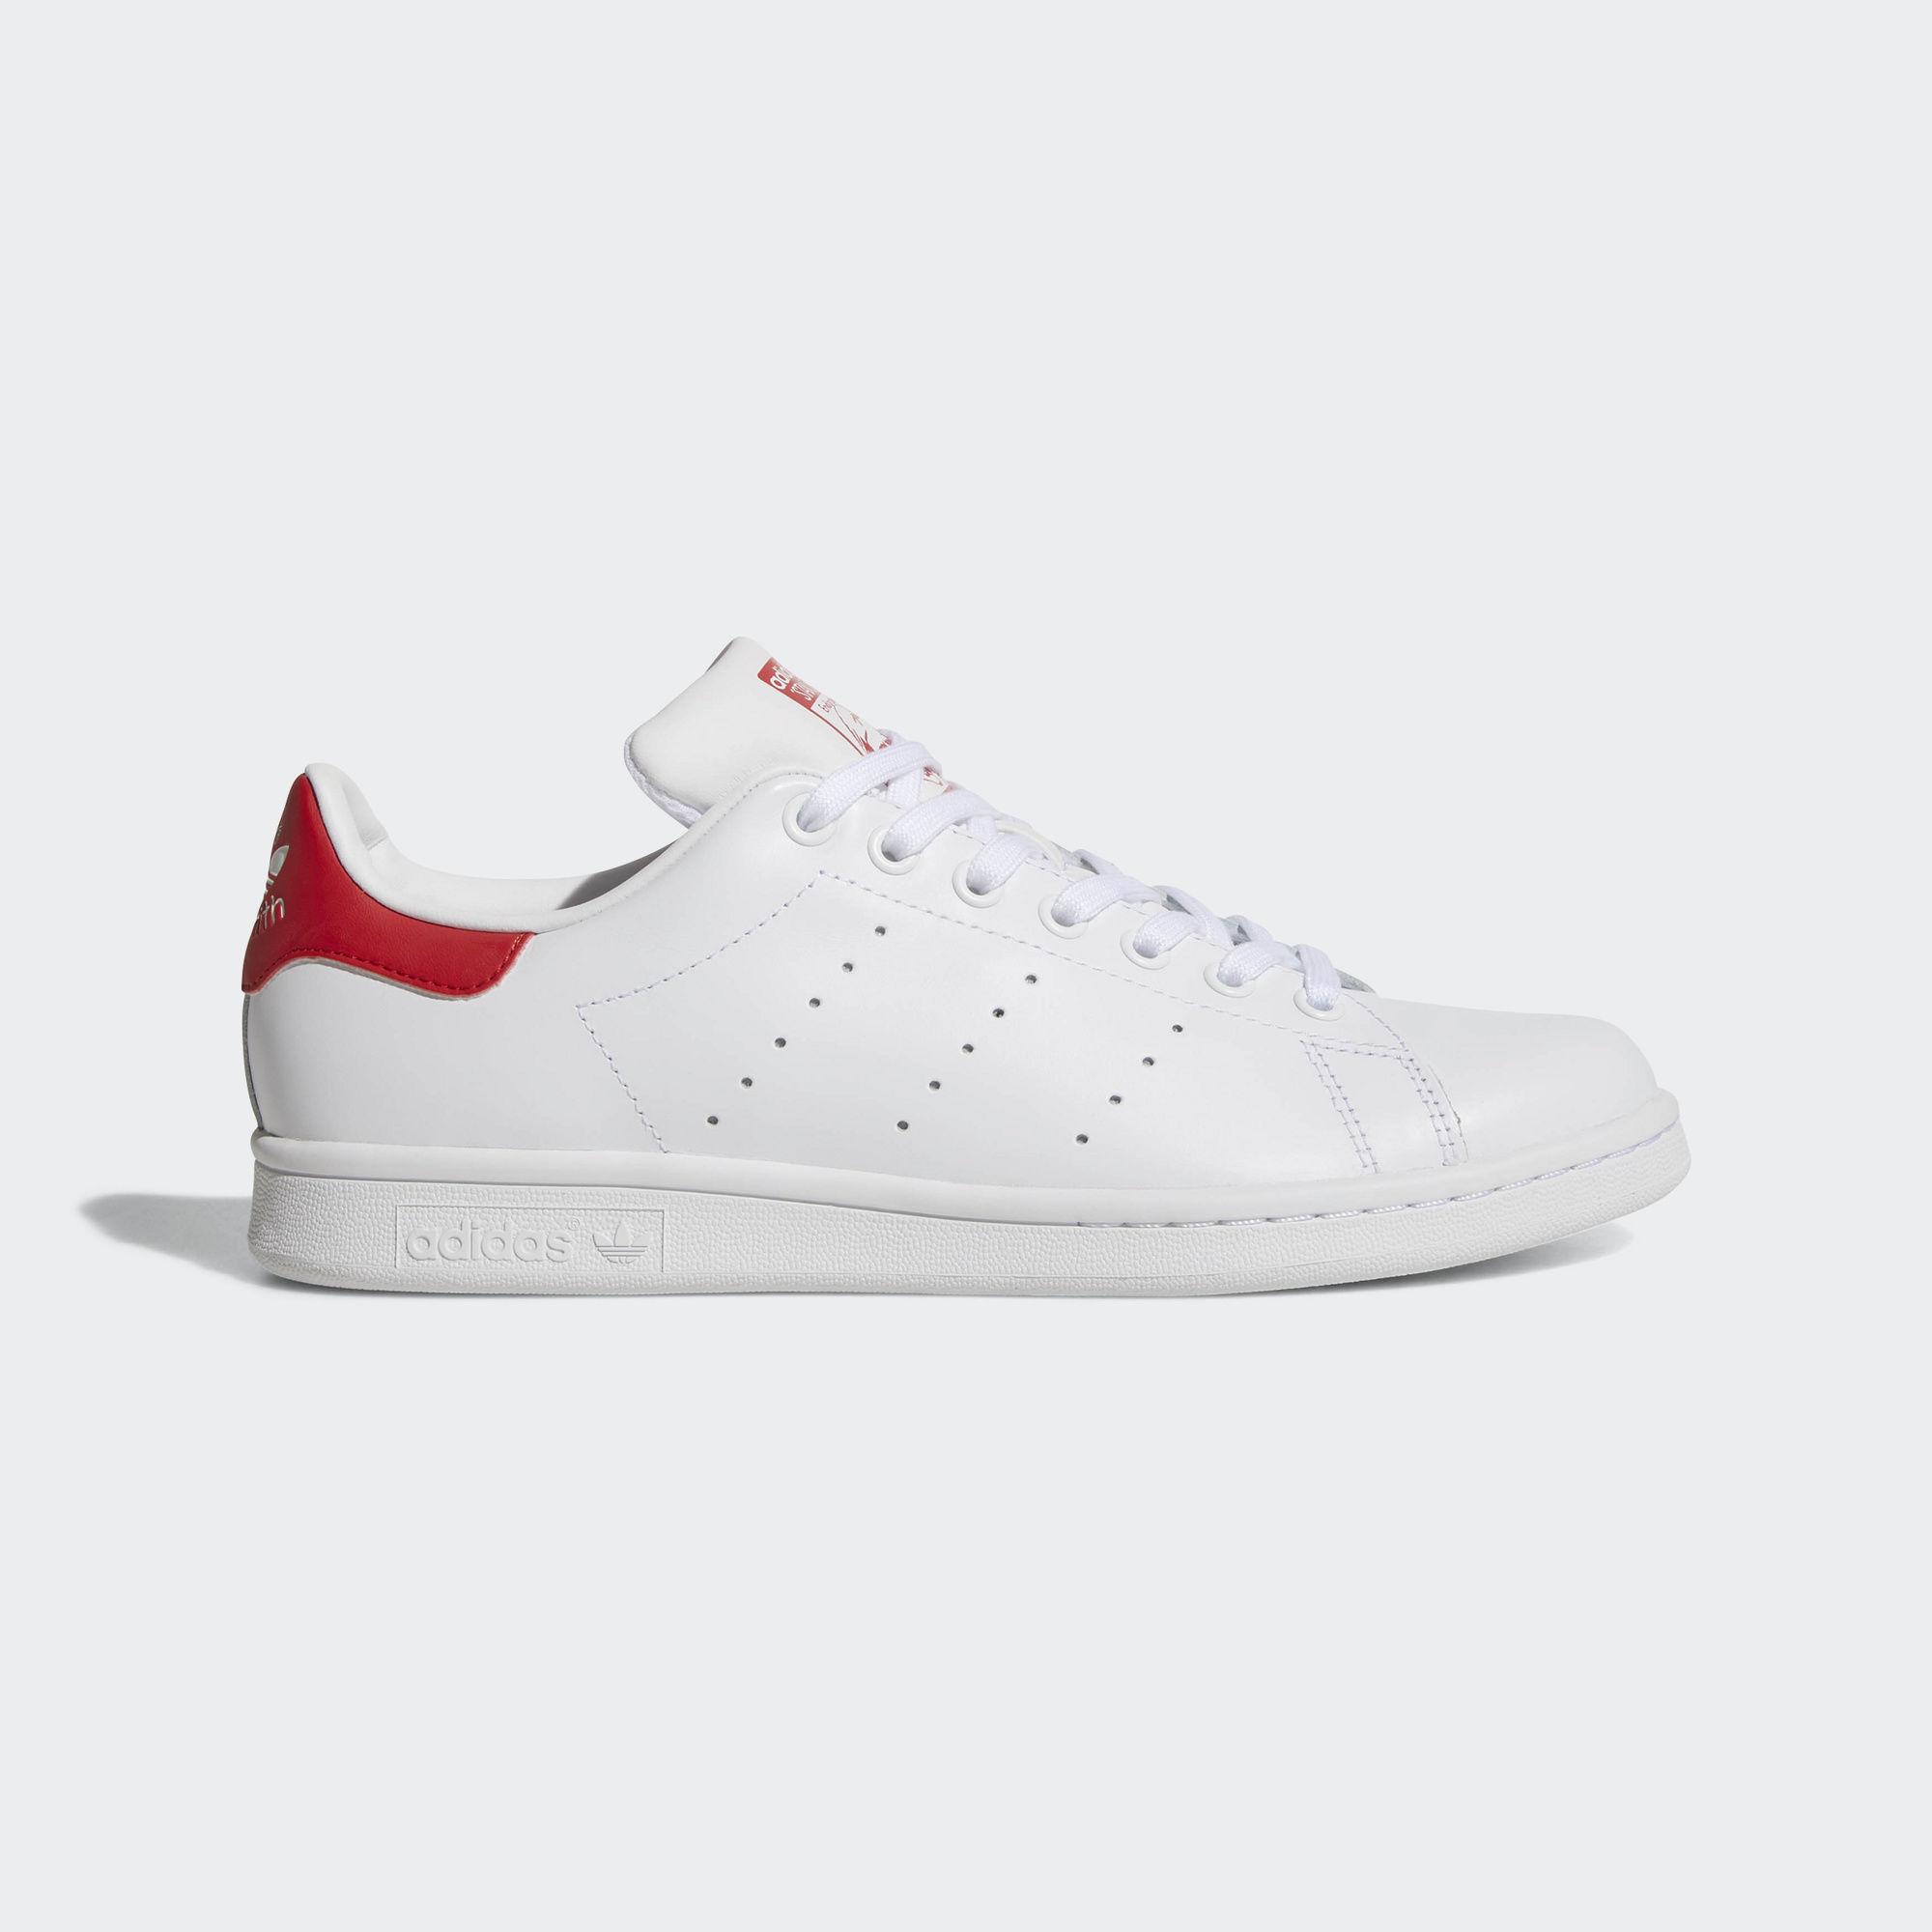 adidas originals stan smith adidas menu0027s stan smith shoes - white | adidas canada DRPSPYK